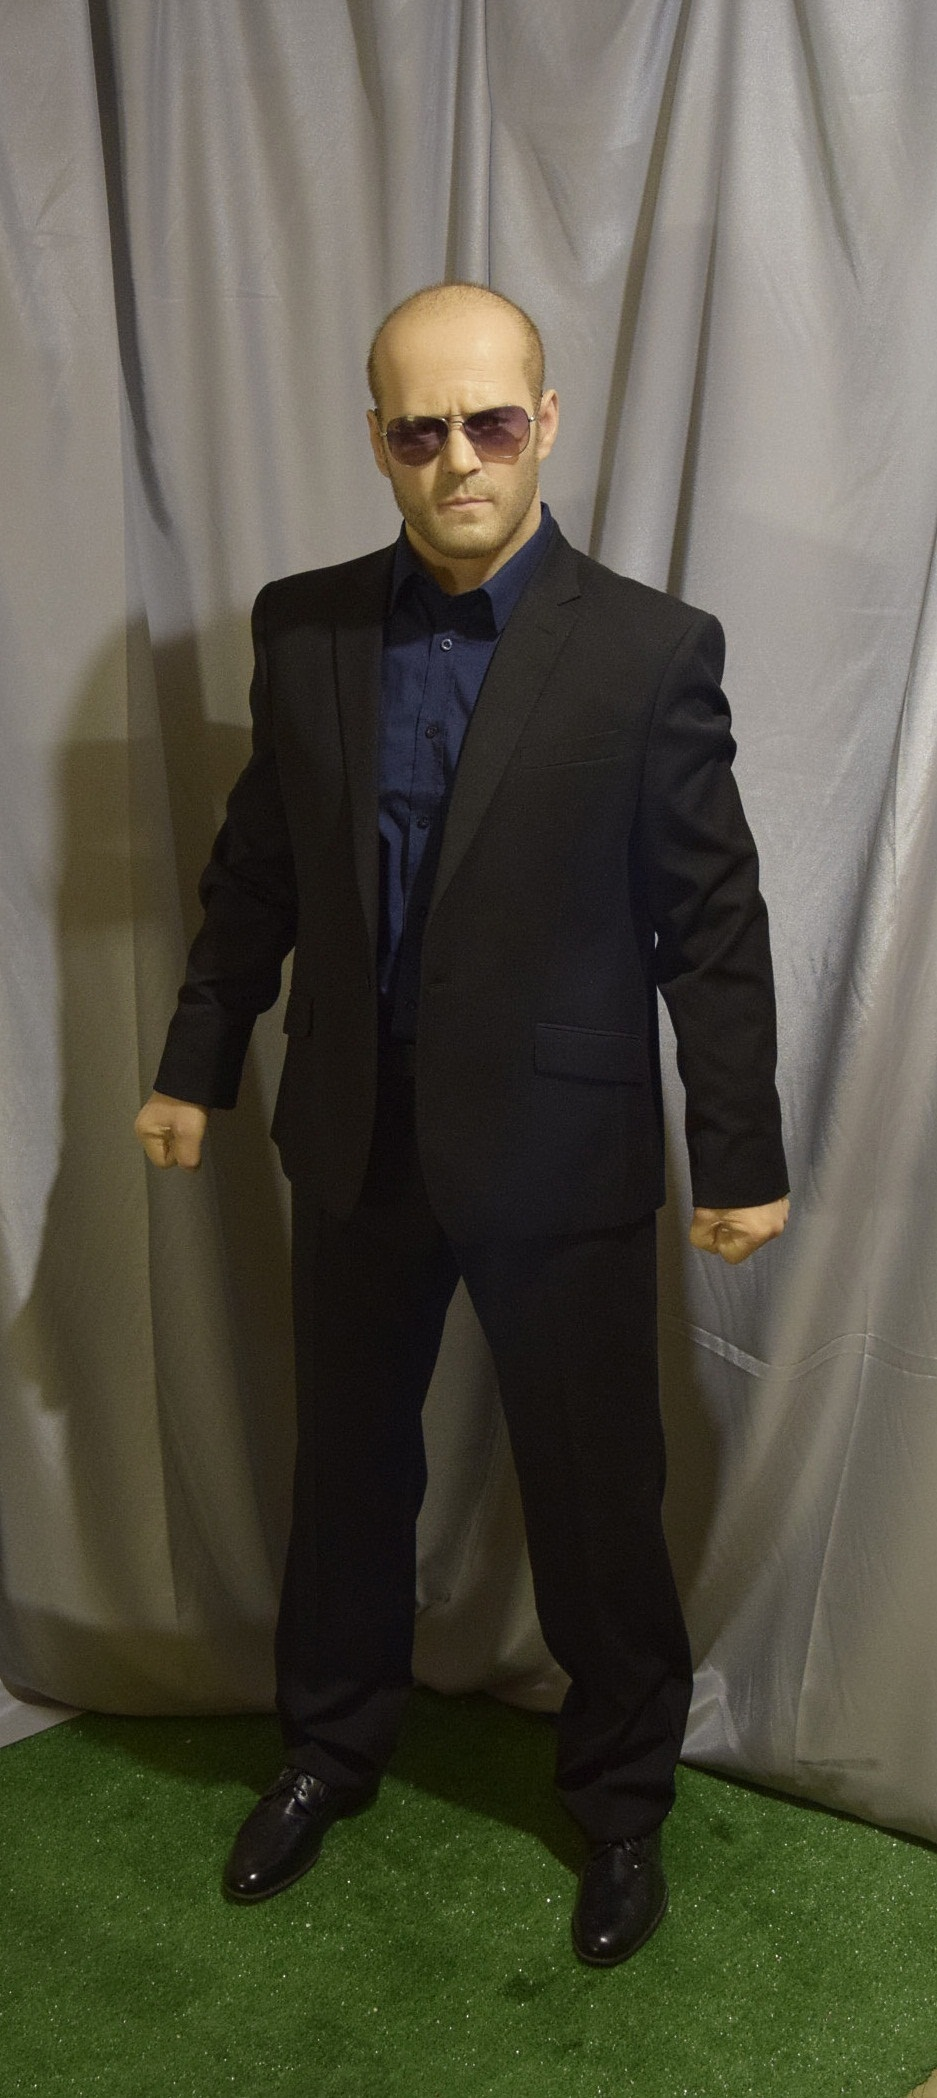 Jason Statham wax figure